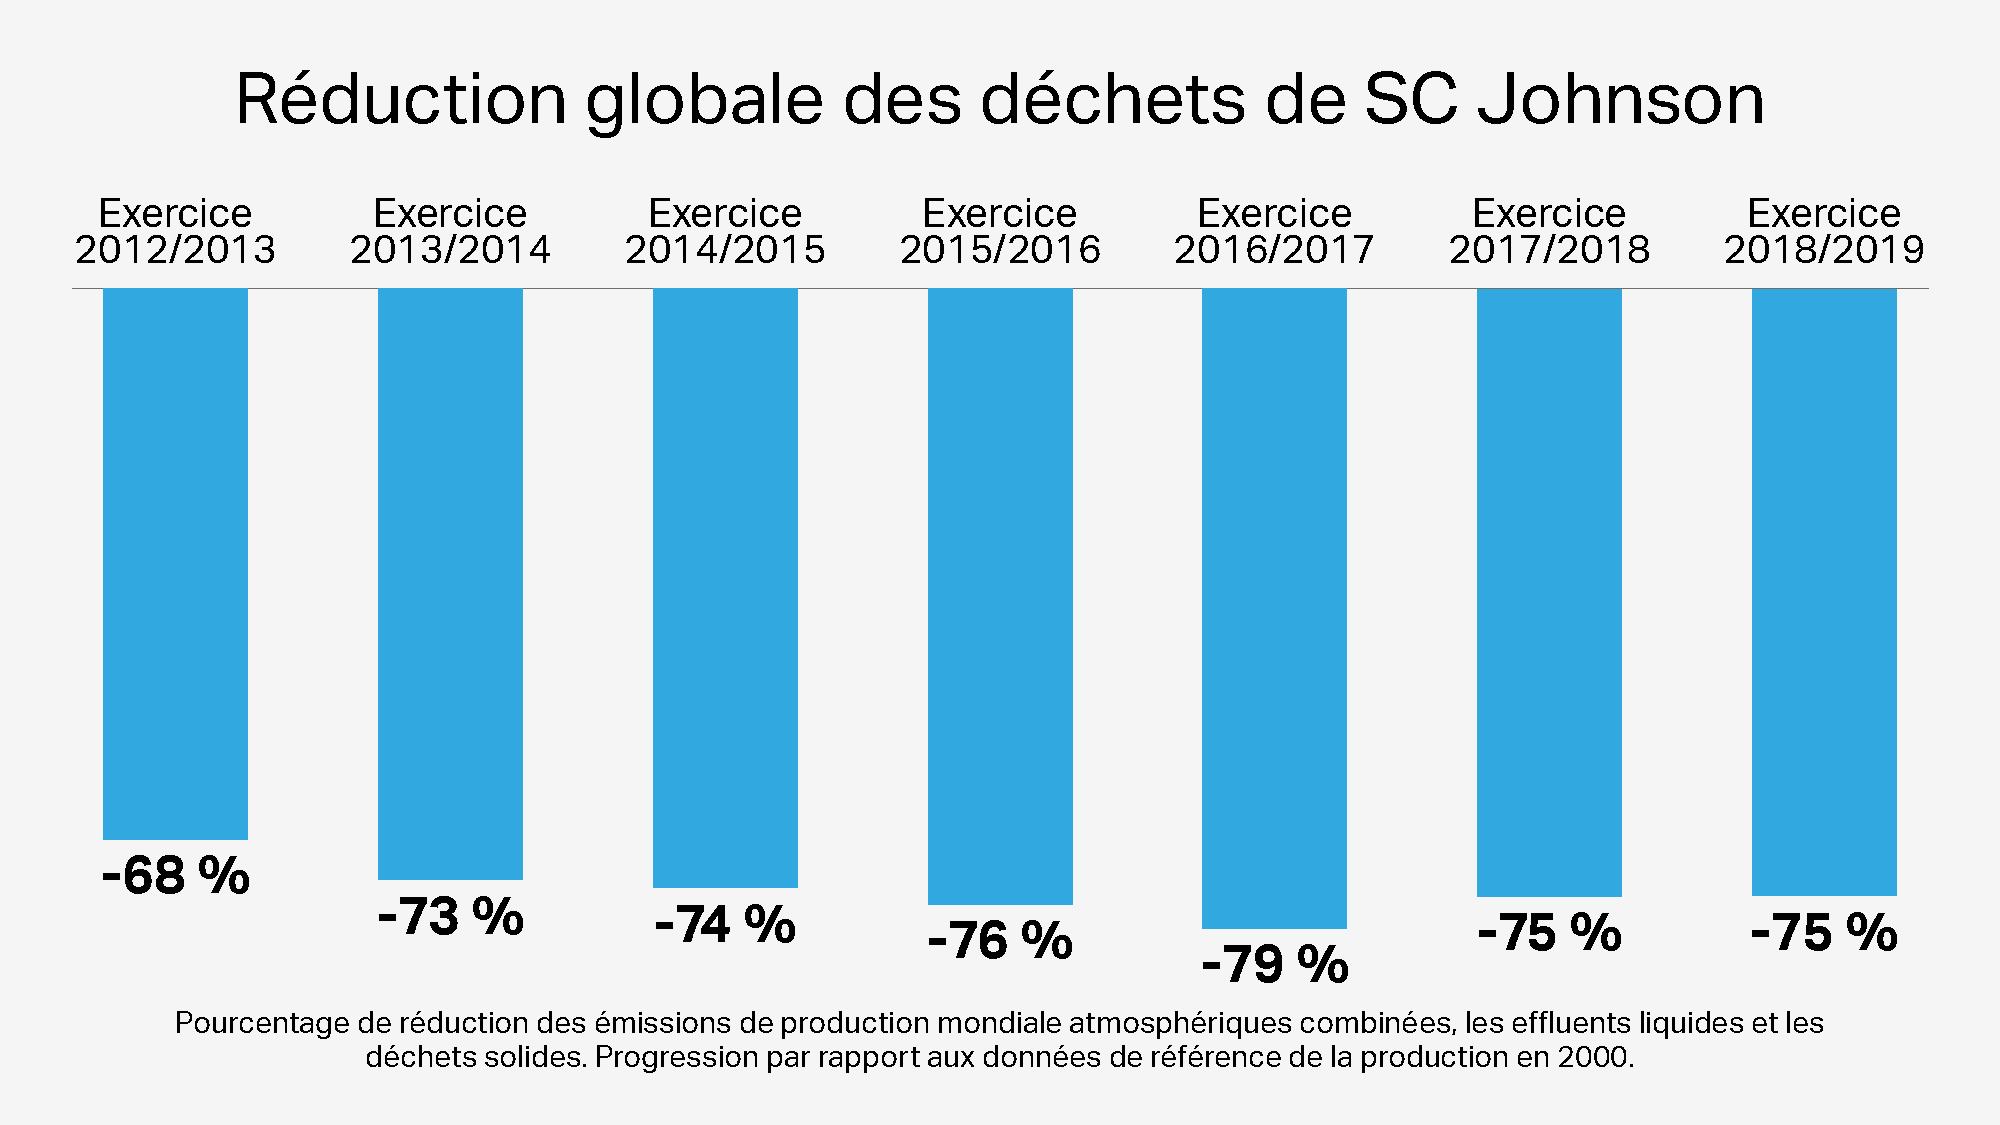 Réduction globale des émissions de déchets de SC Johnson